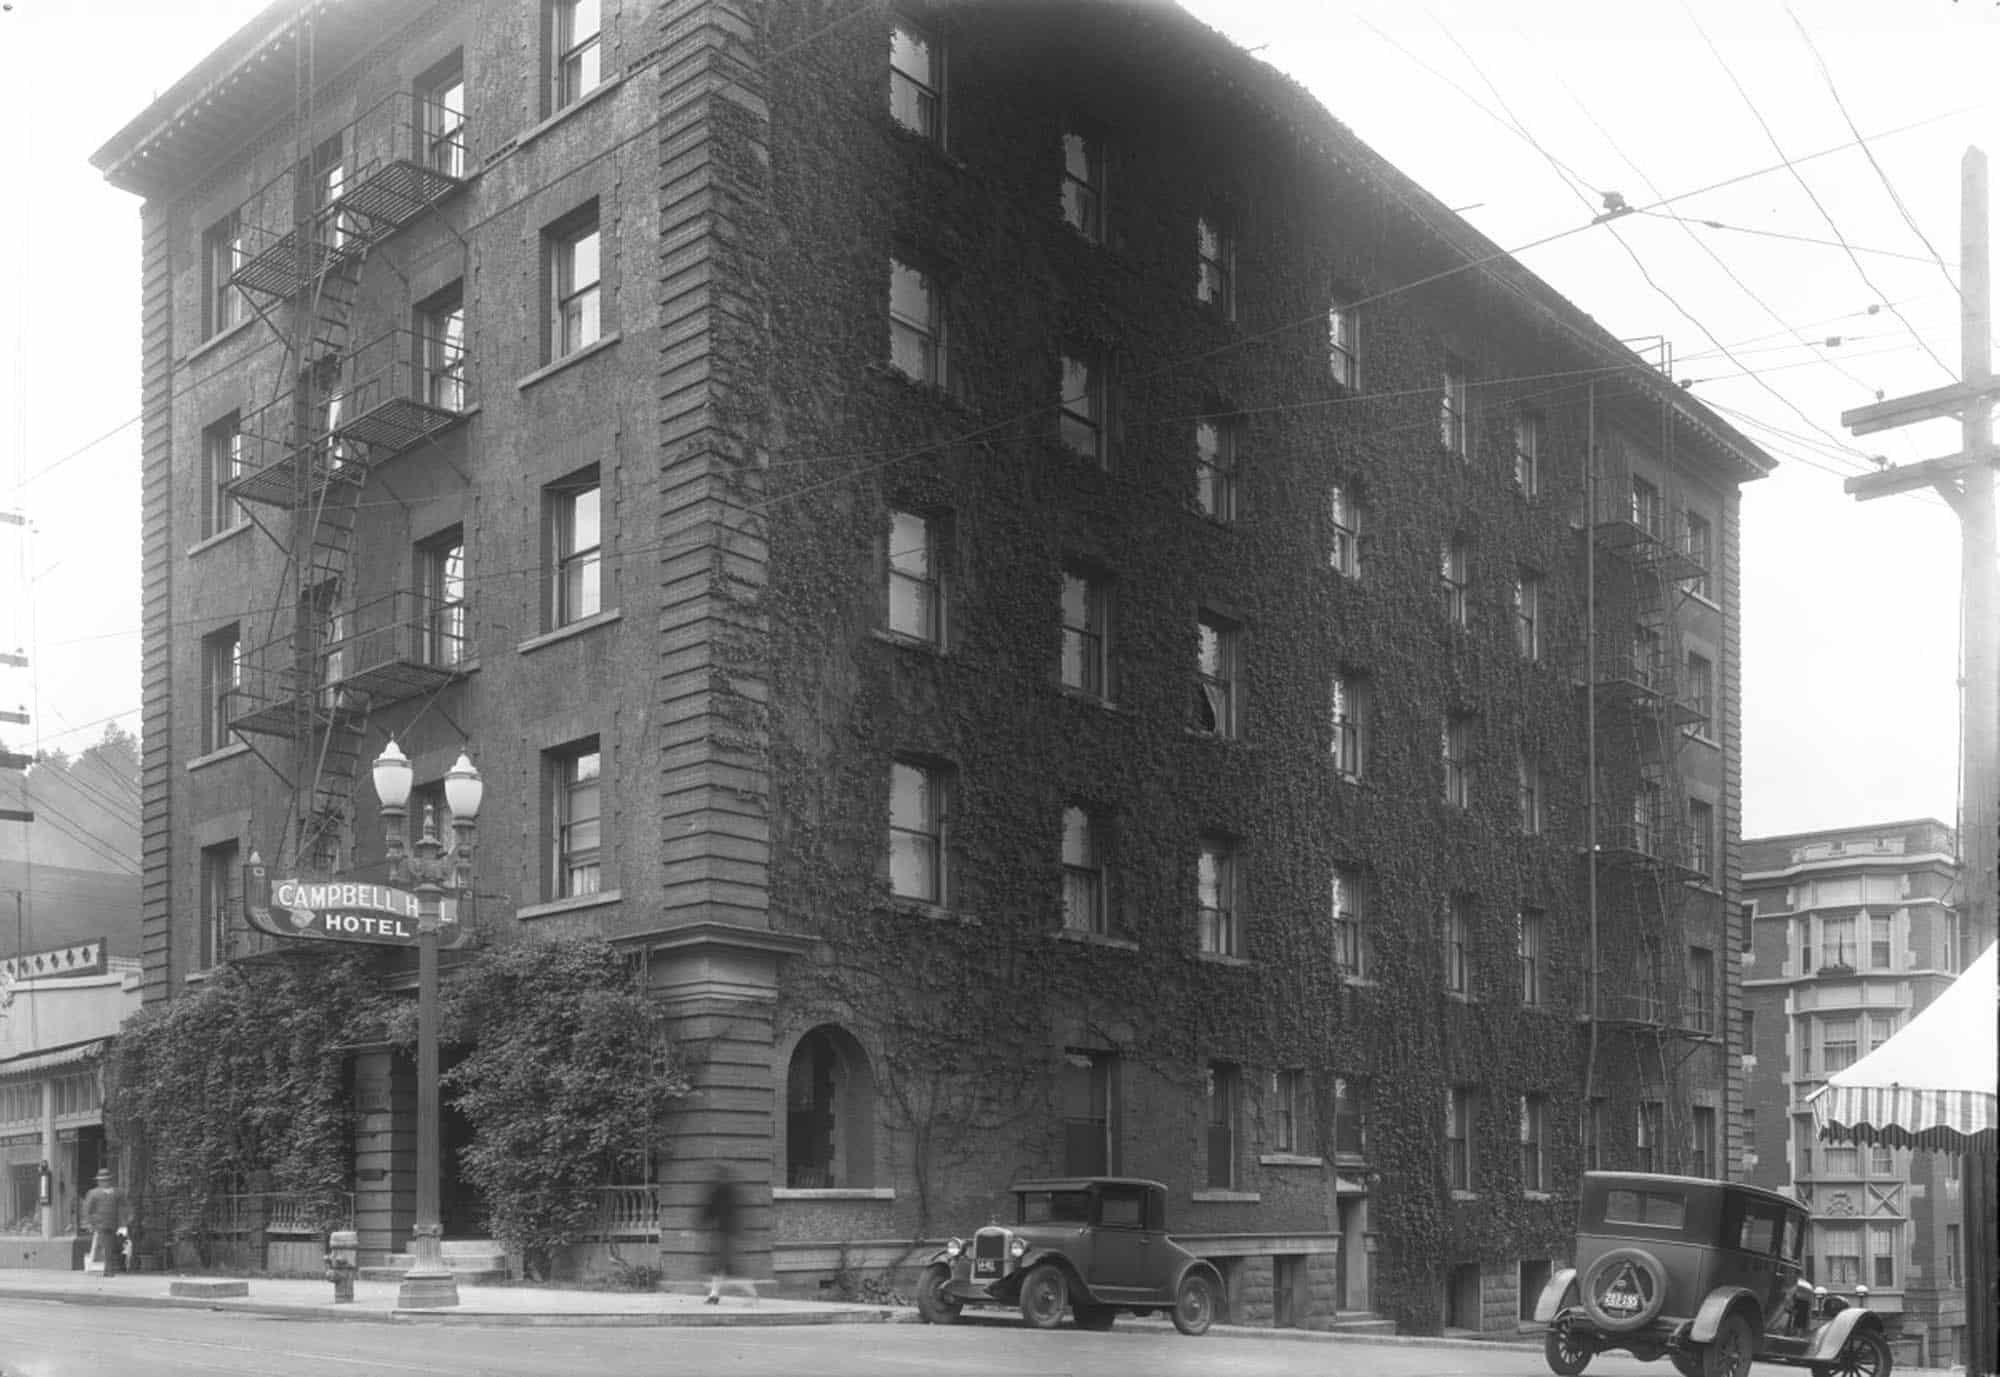 2255 West Burnside Street in 1927